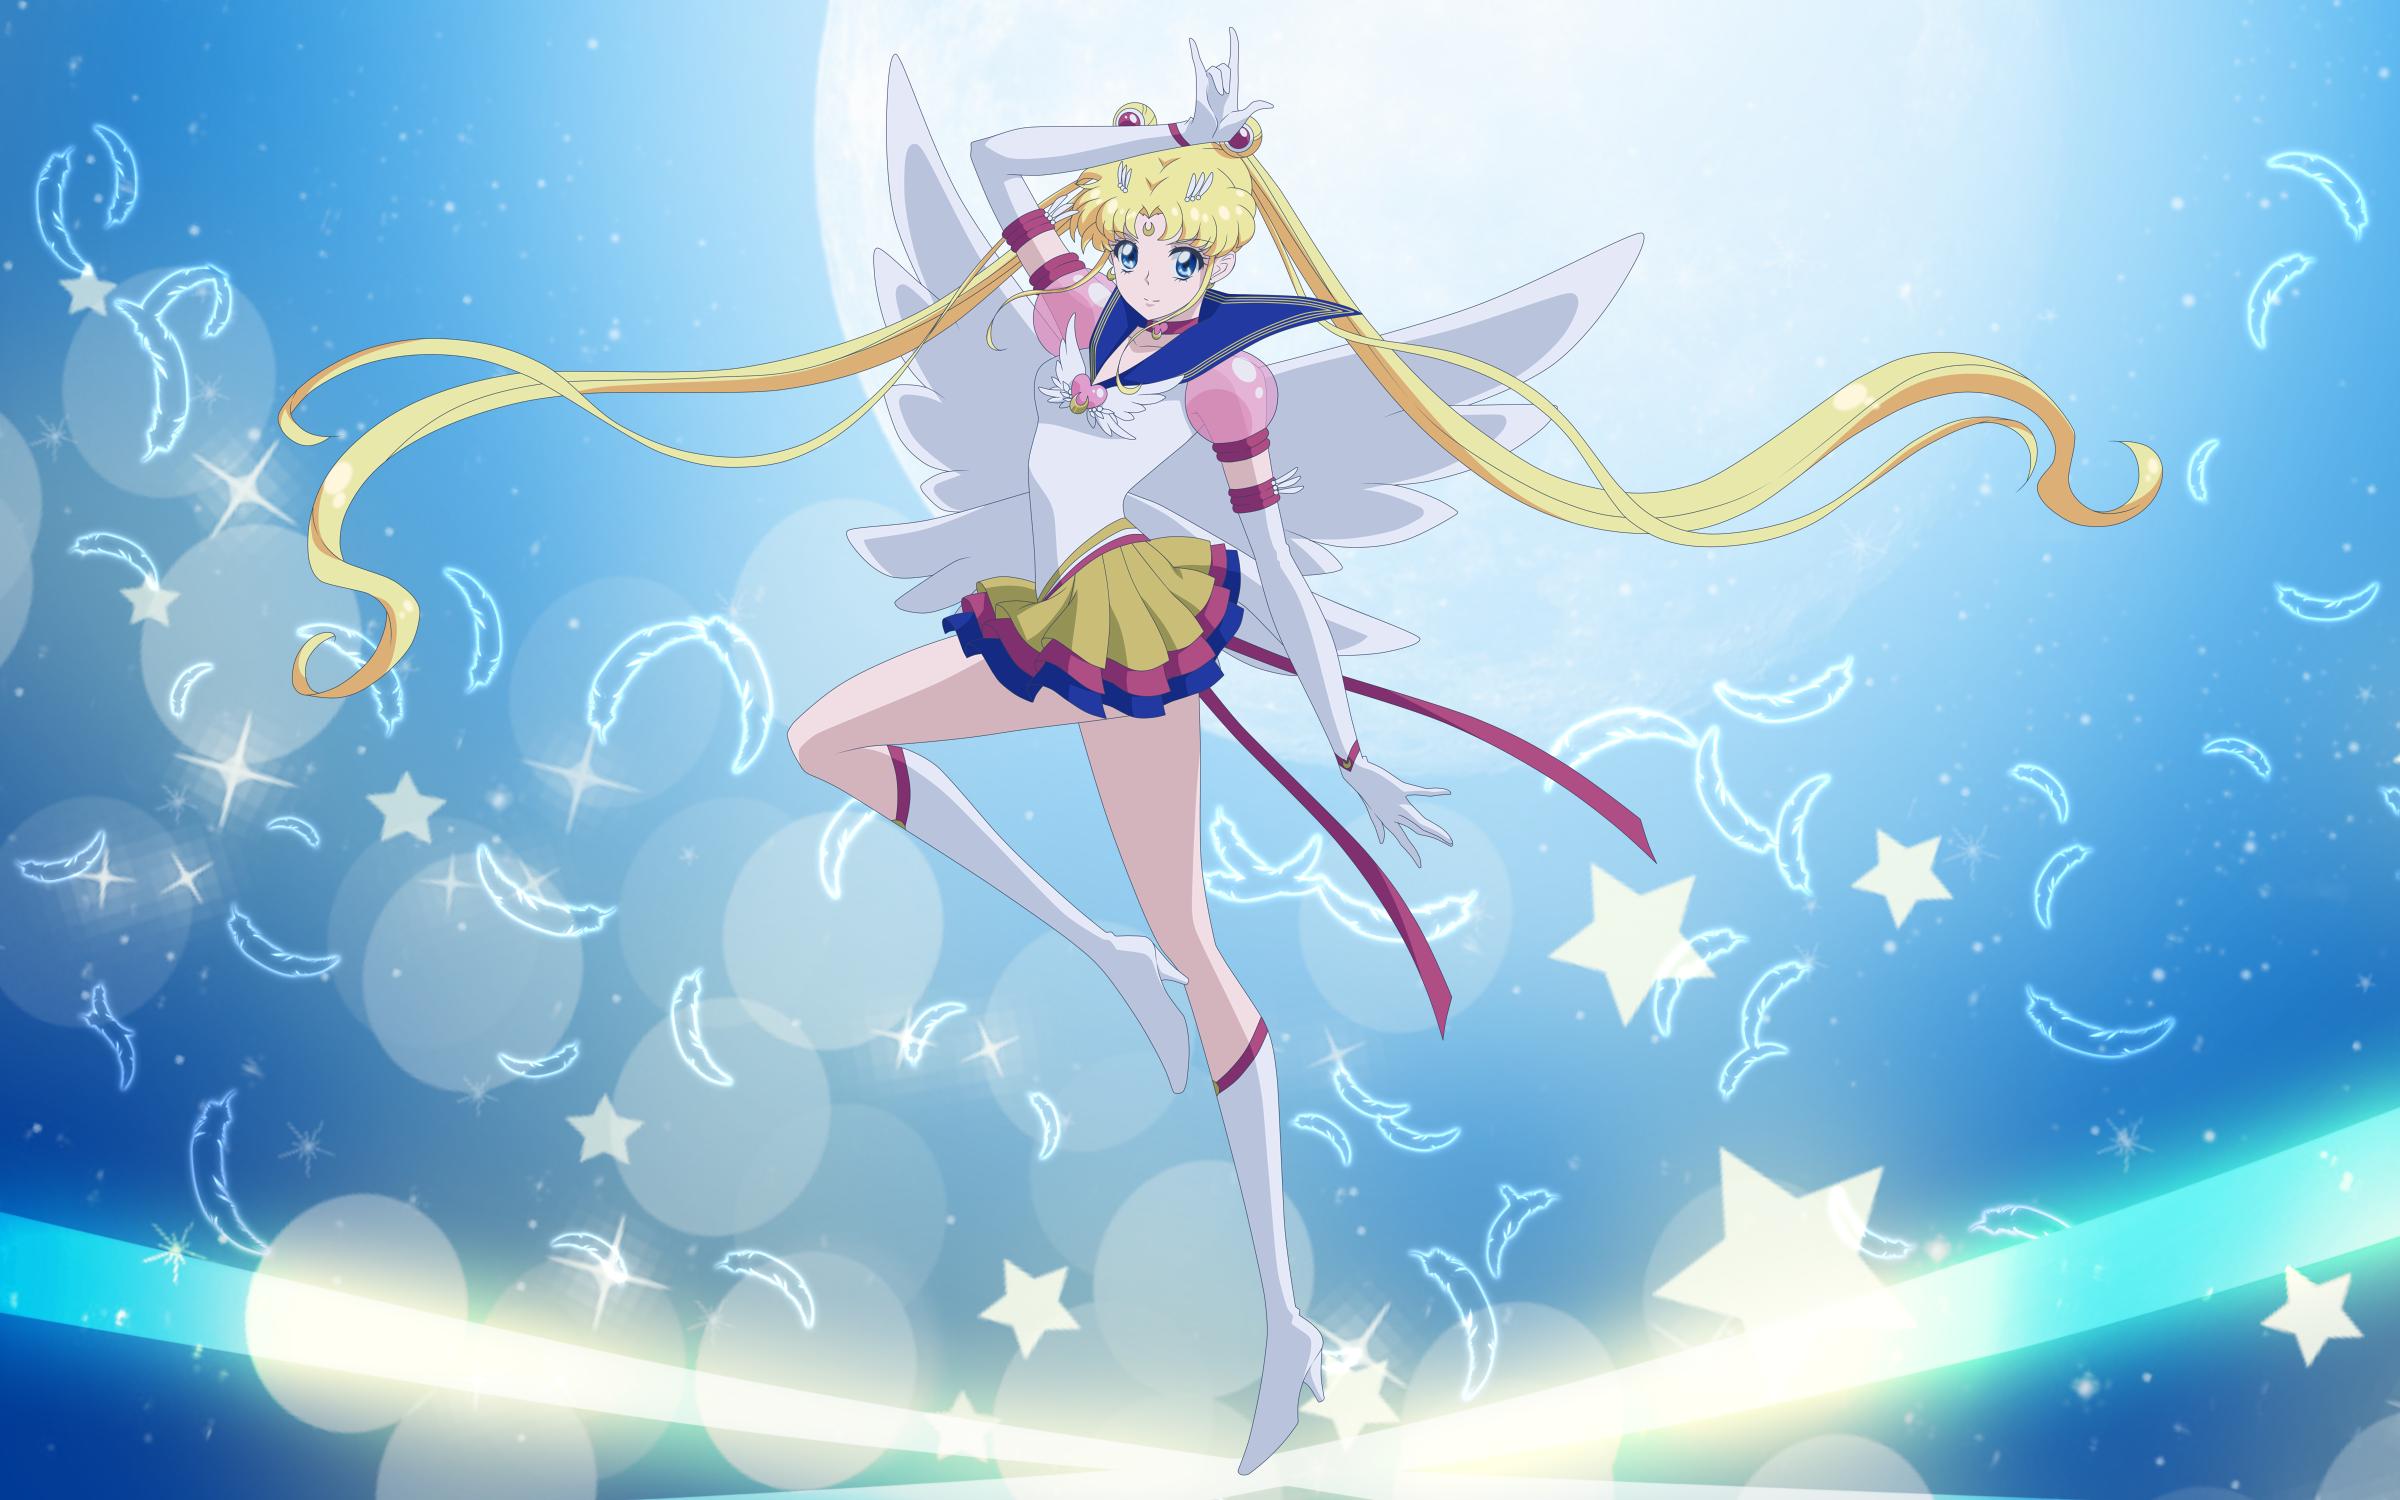 Sailor Moon: Eternal | Novo filme tem trailer e data de lançamento divulgados